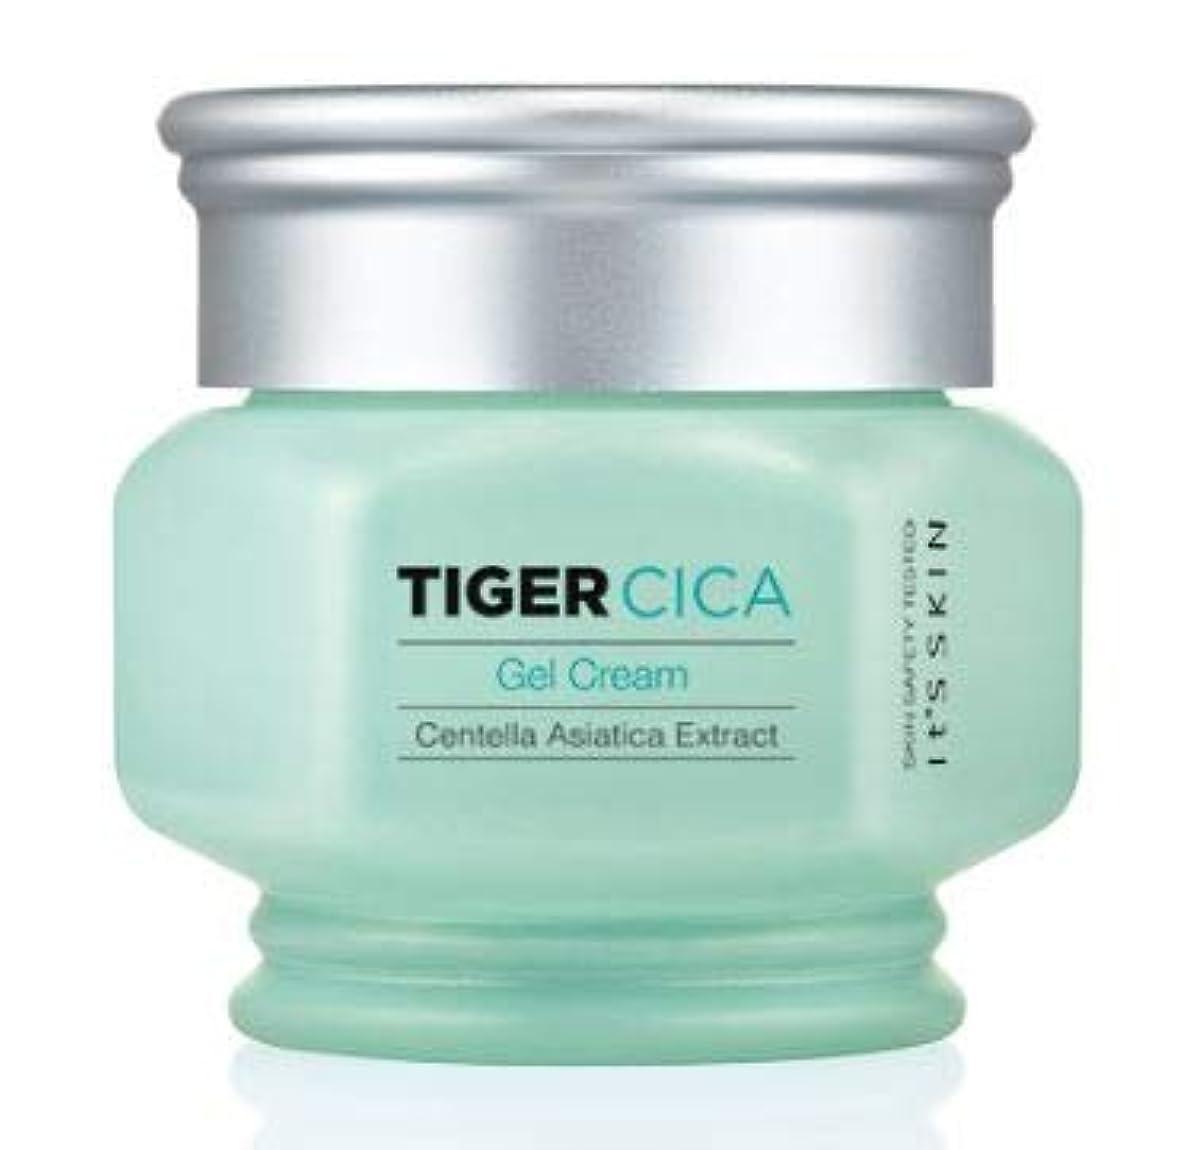 運賃横向き買い物に行く[It's Skin] Tiger Cica Gel Cream /[イッツスキン] タイガーシカ ジェル クリーム [並行輸入品]